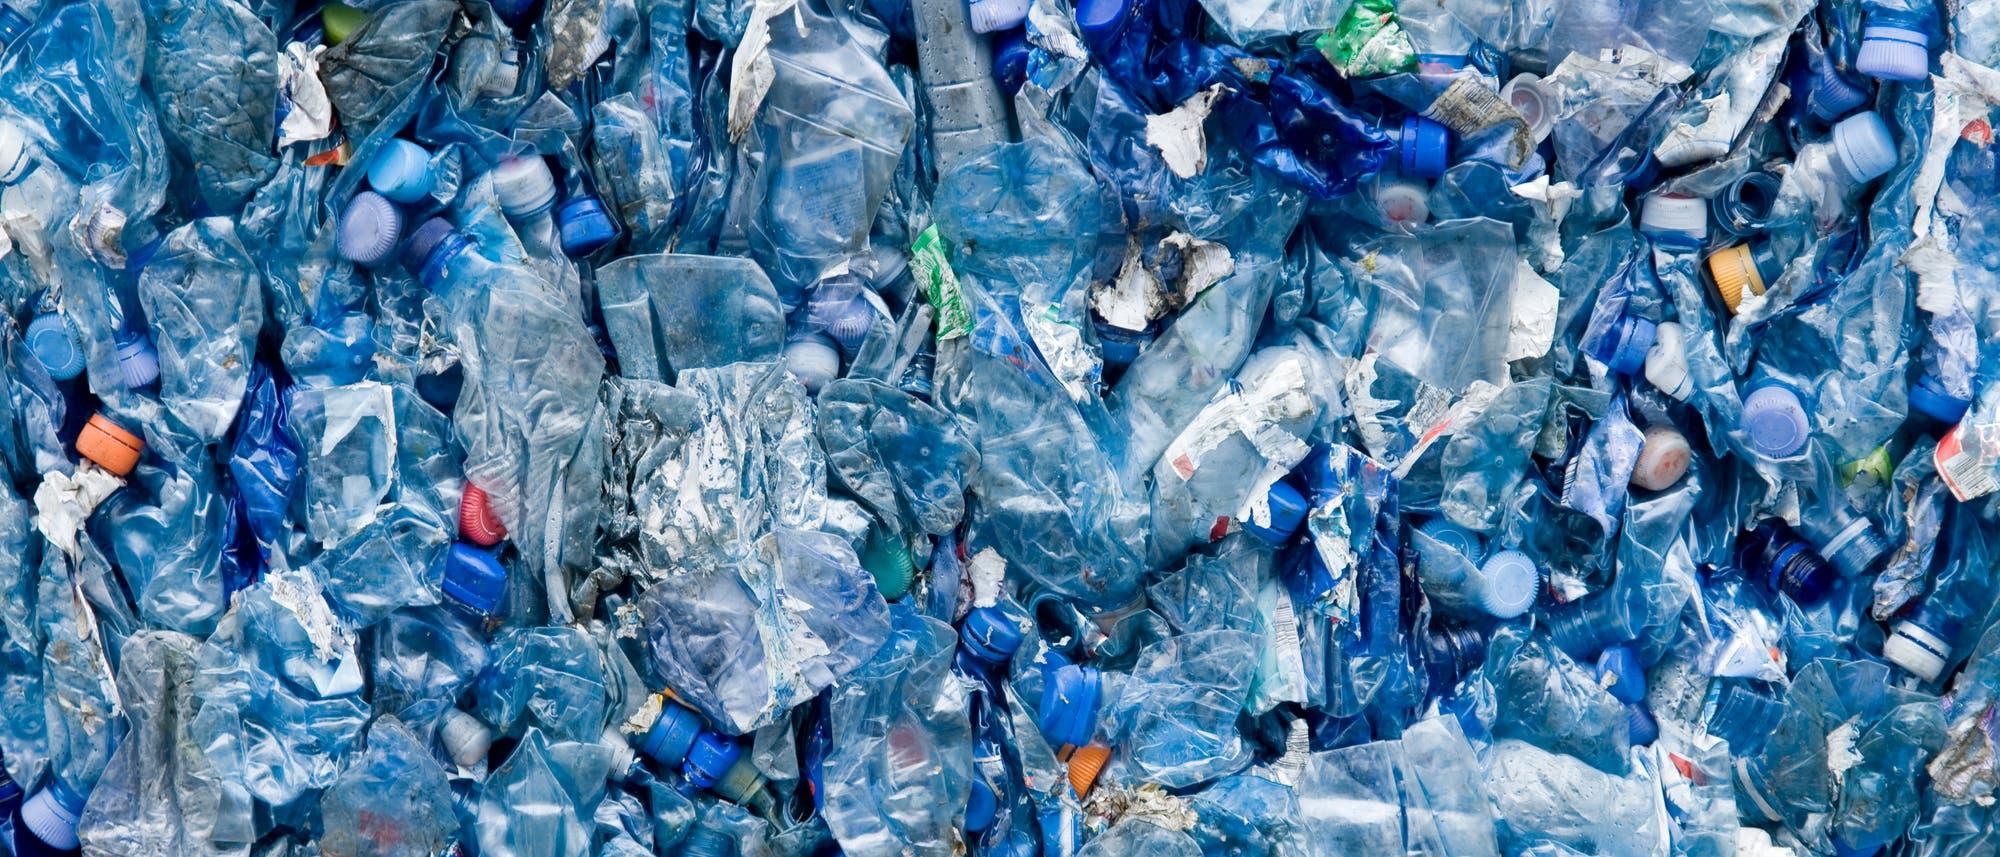 Blaue Plastikflaschen